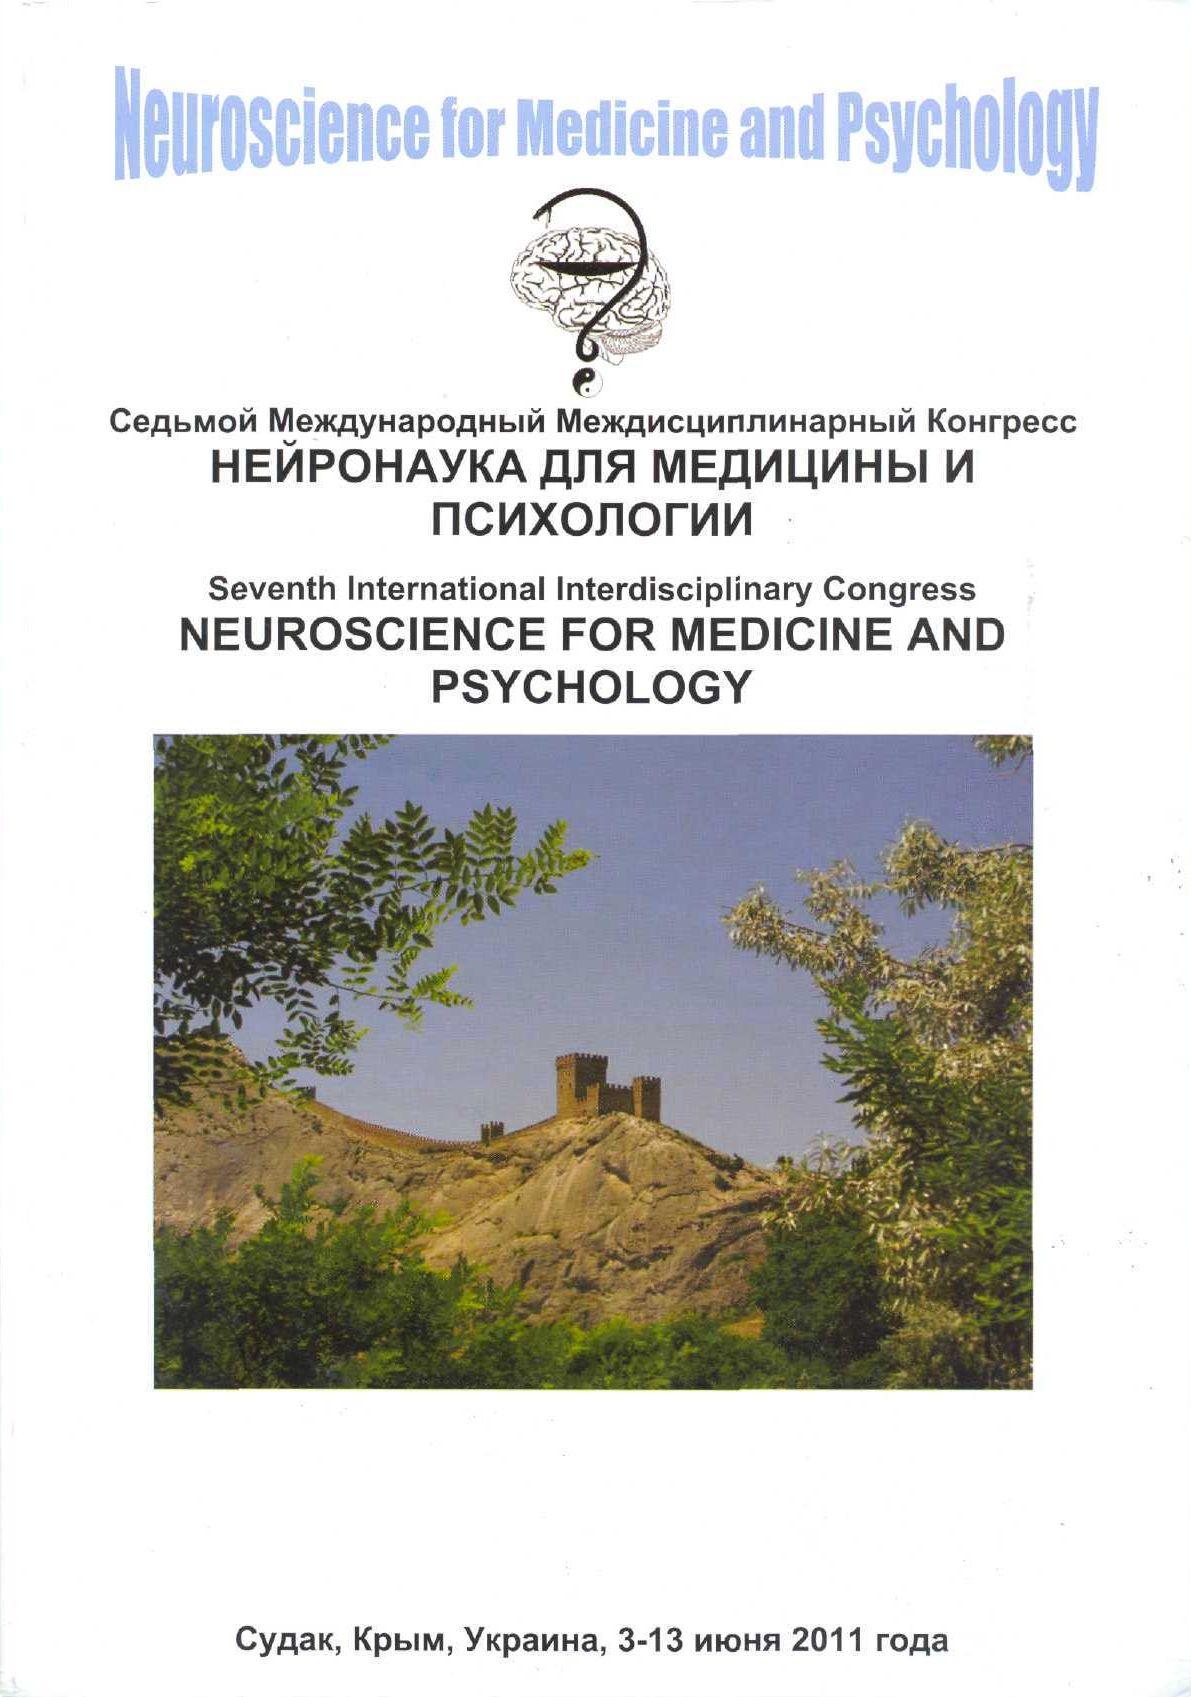 Нейронаука для медицины и психологии: 7-й международный междисциплинарный конгресс, Судак, Крым, Украина, 3-13 июня 2011 г.